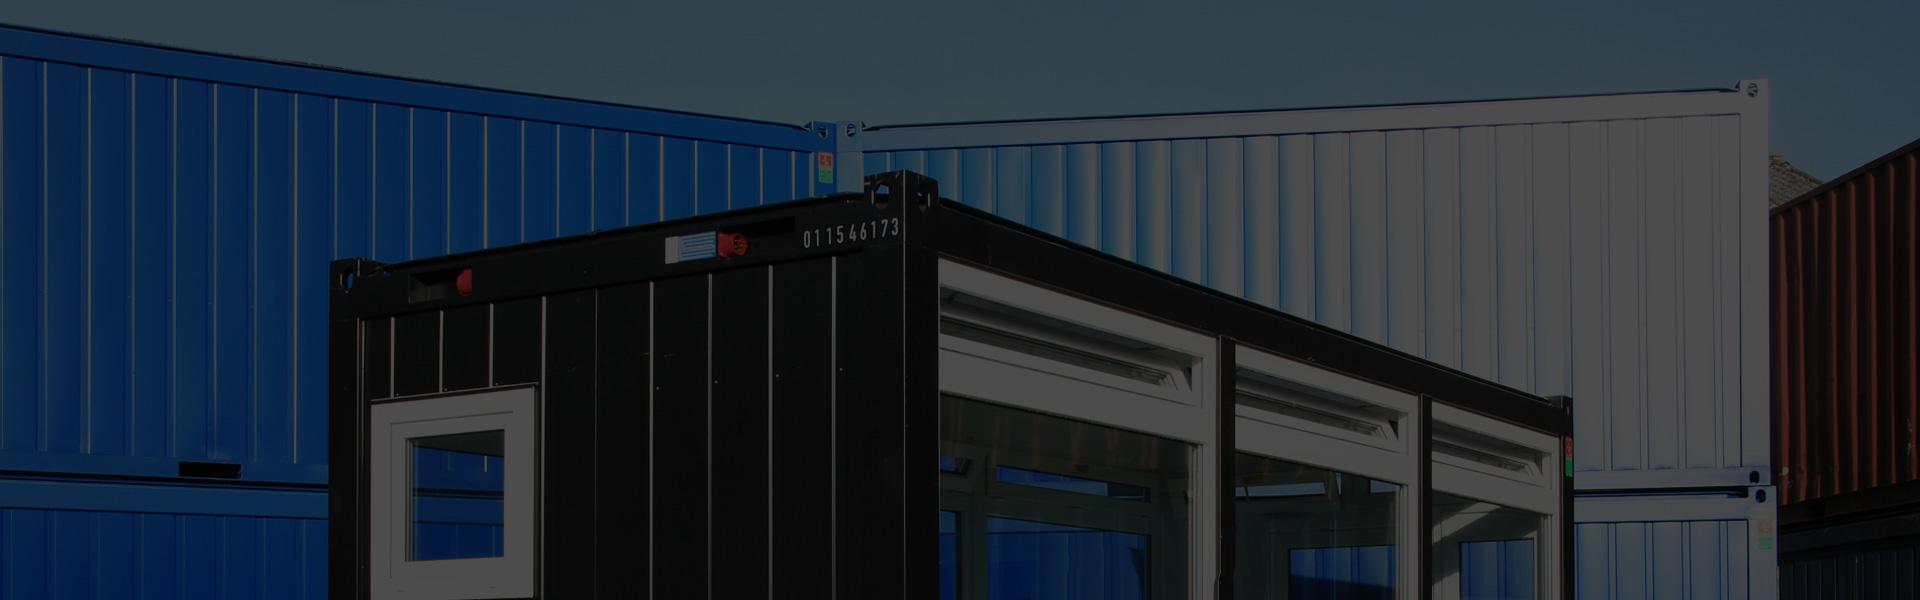 Containers van Beldock